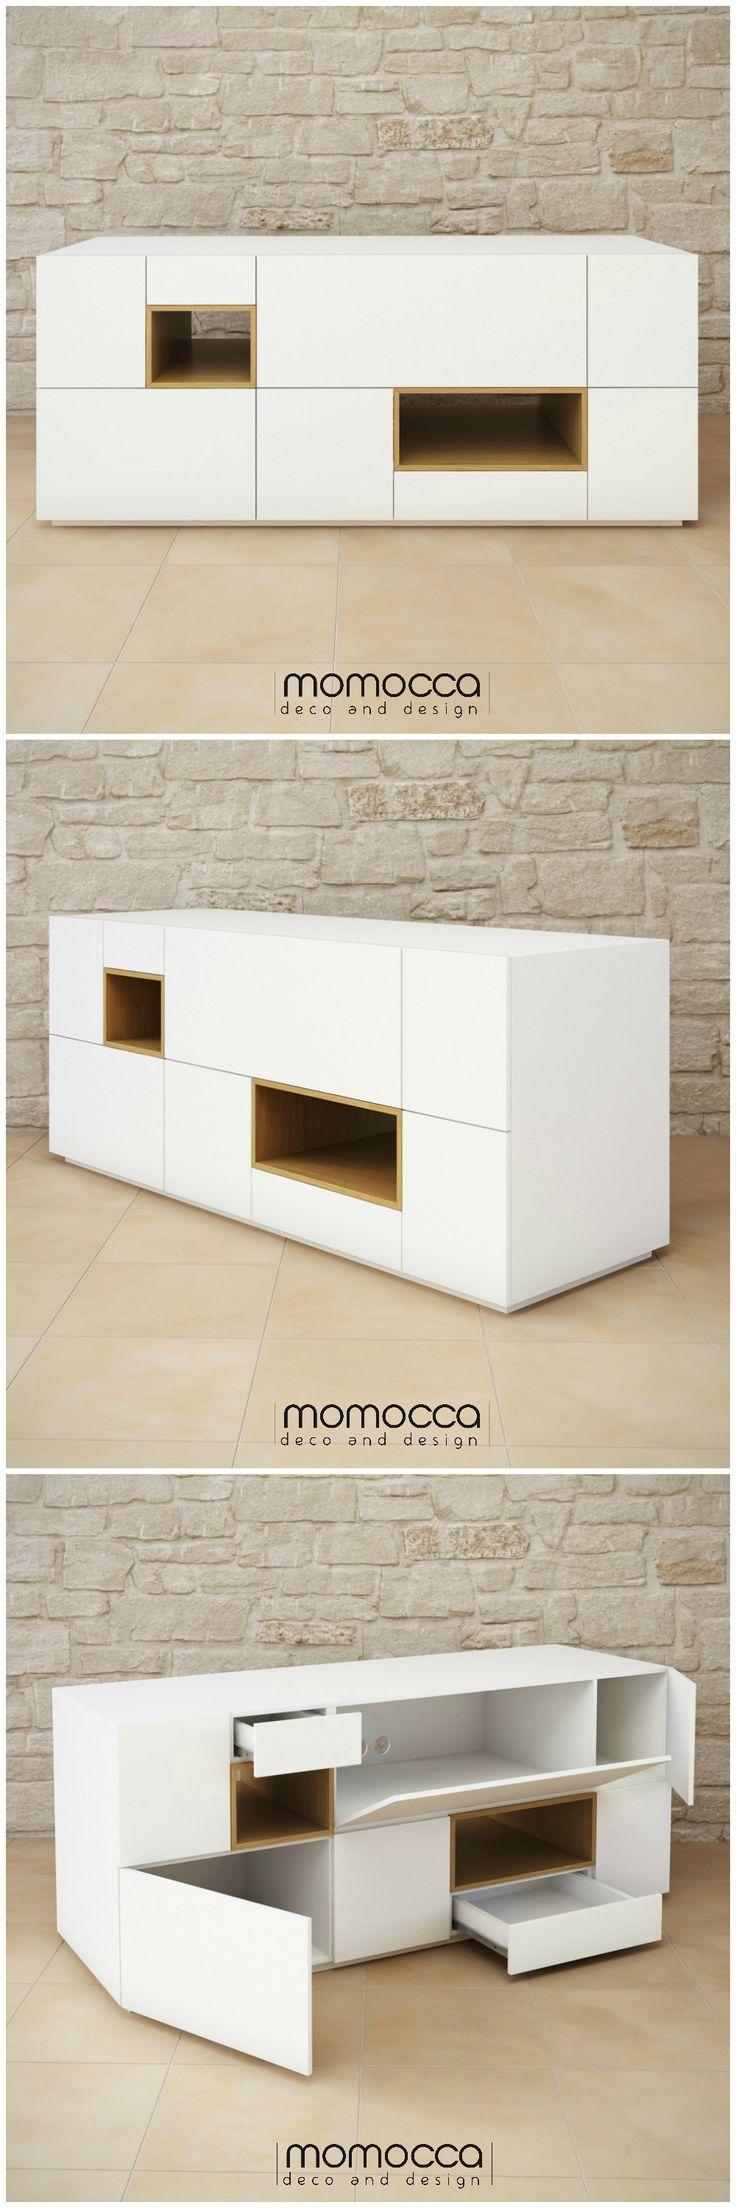 Colección DANIELA. Mesa Daniela. Mueble sencillo y elegante, de estilo minimalista. Se puede emplear tanto de aparador, como de mueble para tv o mueble auxiliar. Disponible en www.momocca.com